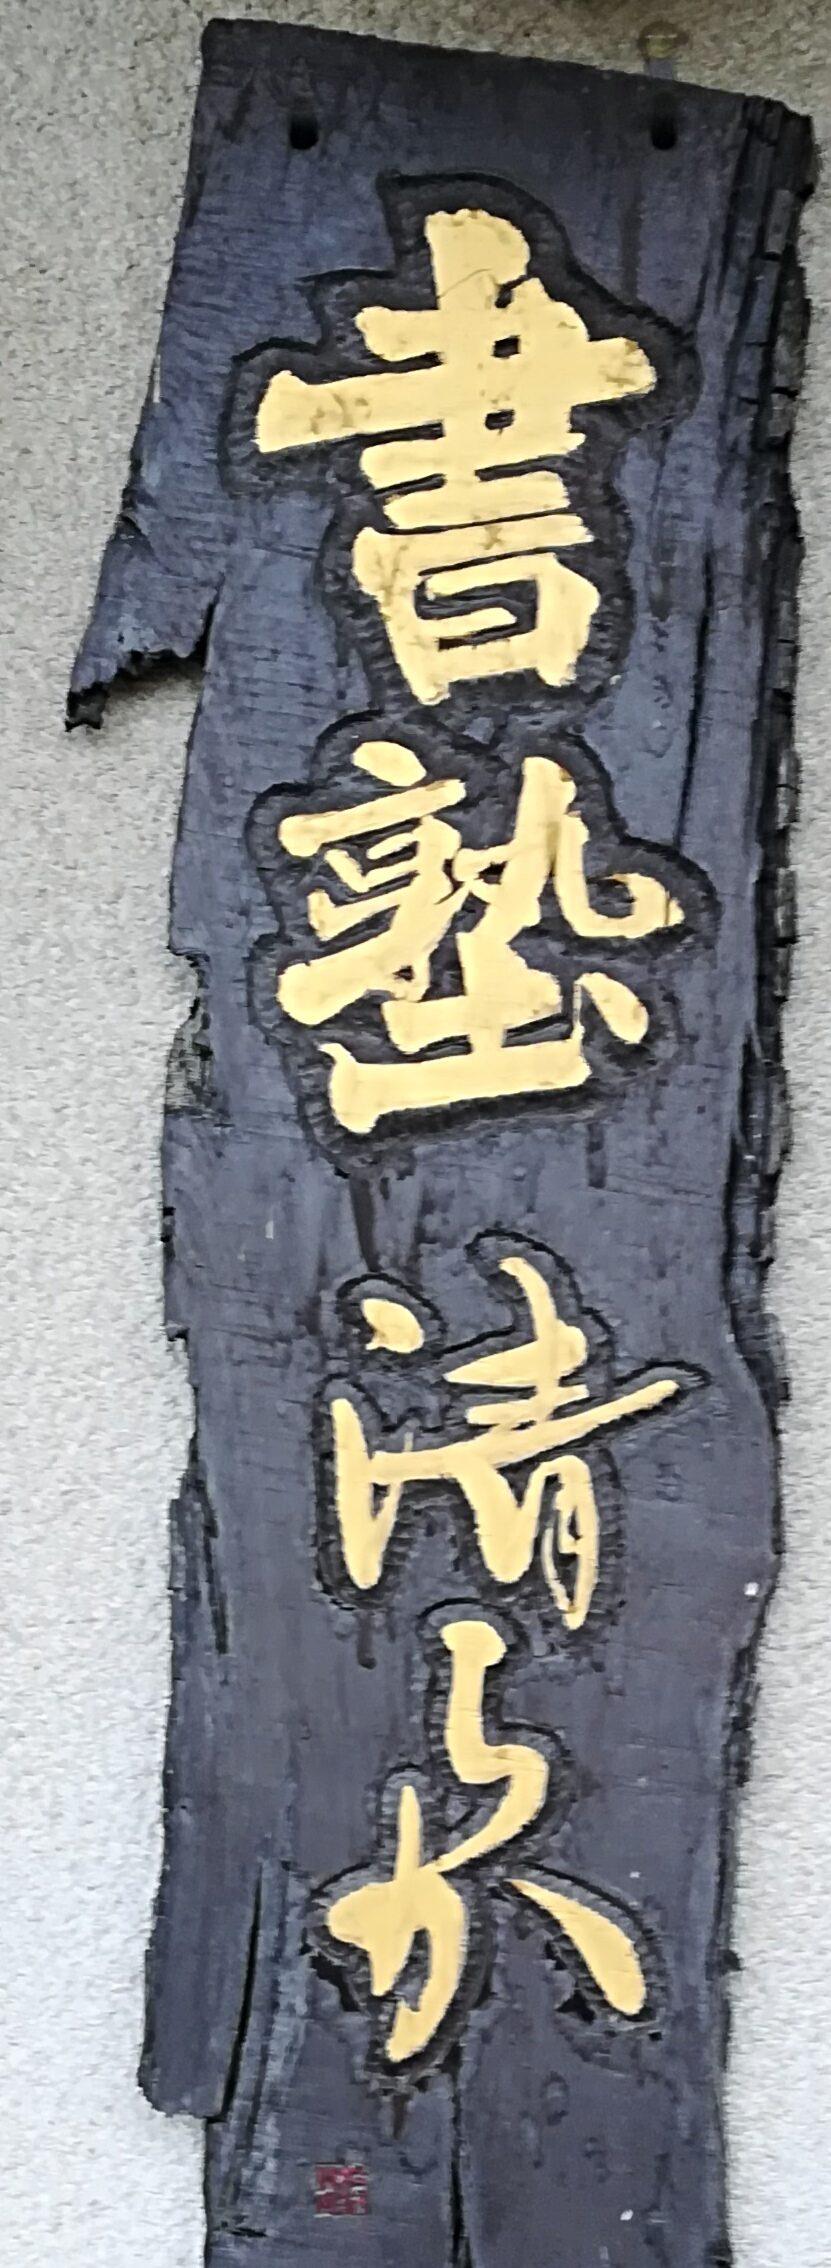 書塾_清らか/Japanese_Calligrapher_Kiyoraka